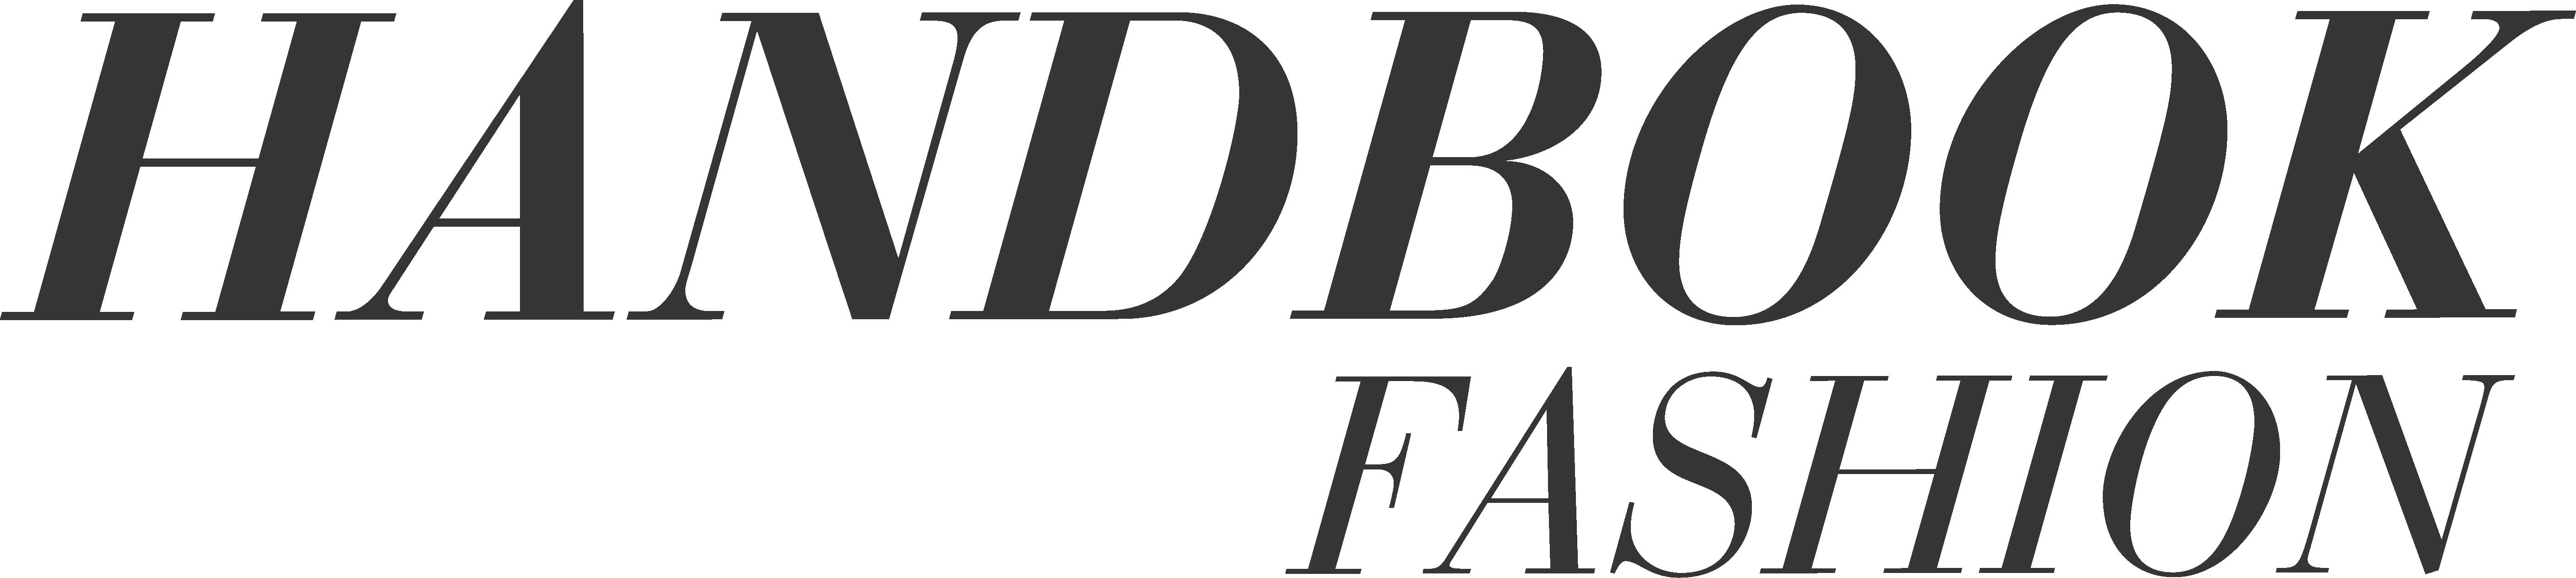 HANDBOOK logo_1